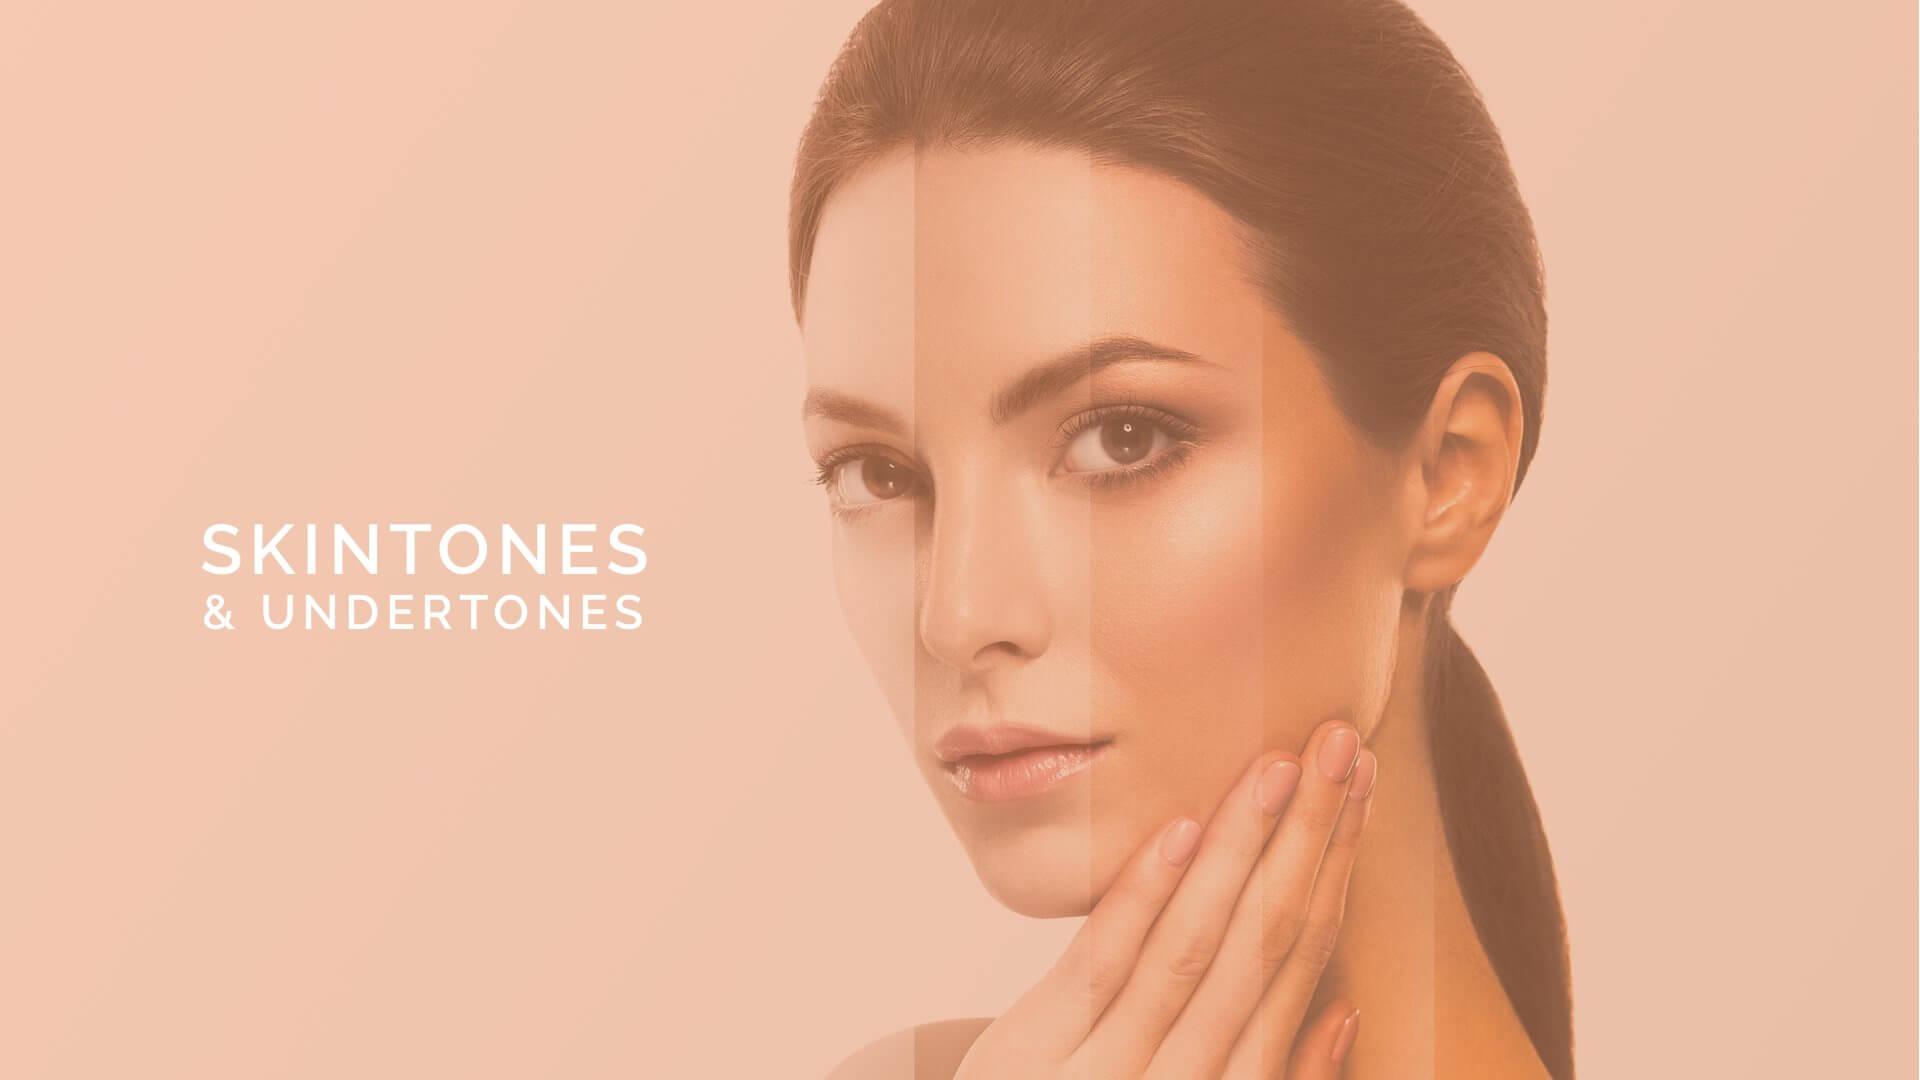 Skintones and Undertones